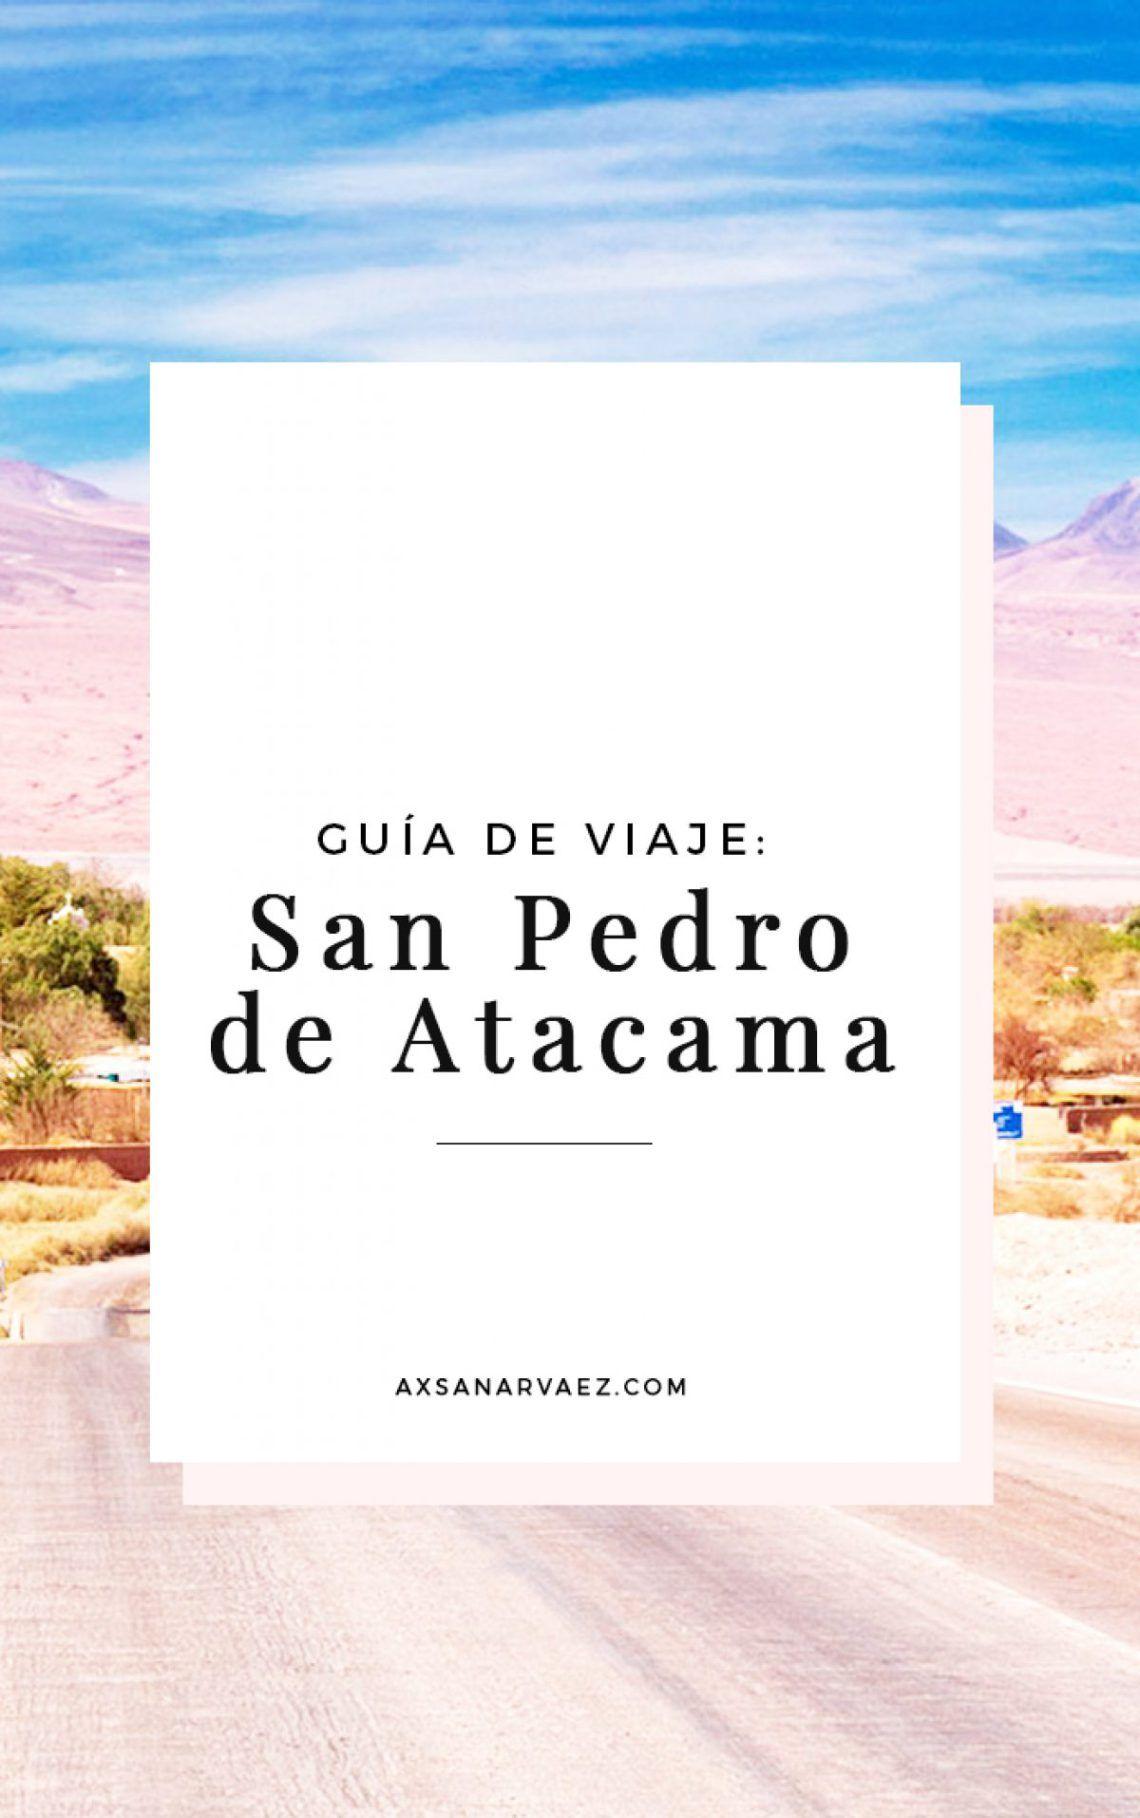 Guia De Viaje San Pedro De Atacama Viajar A Chile Viajes Y